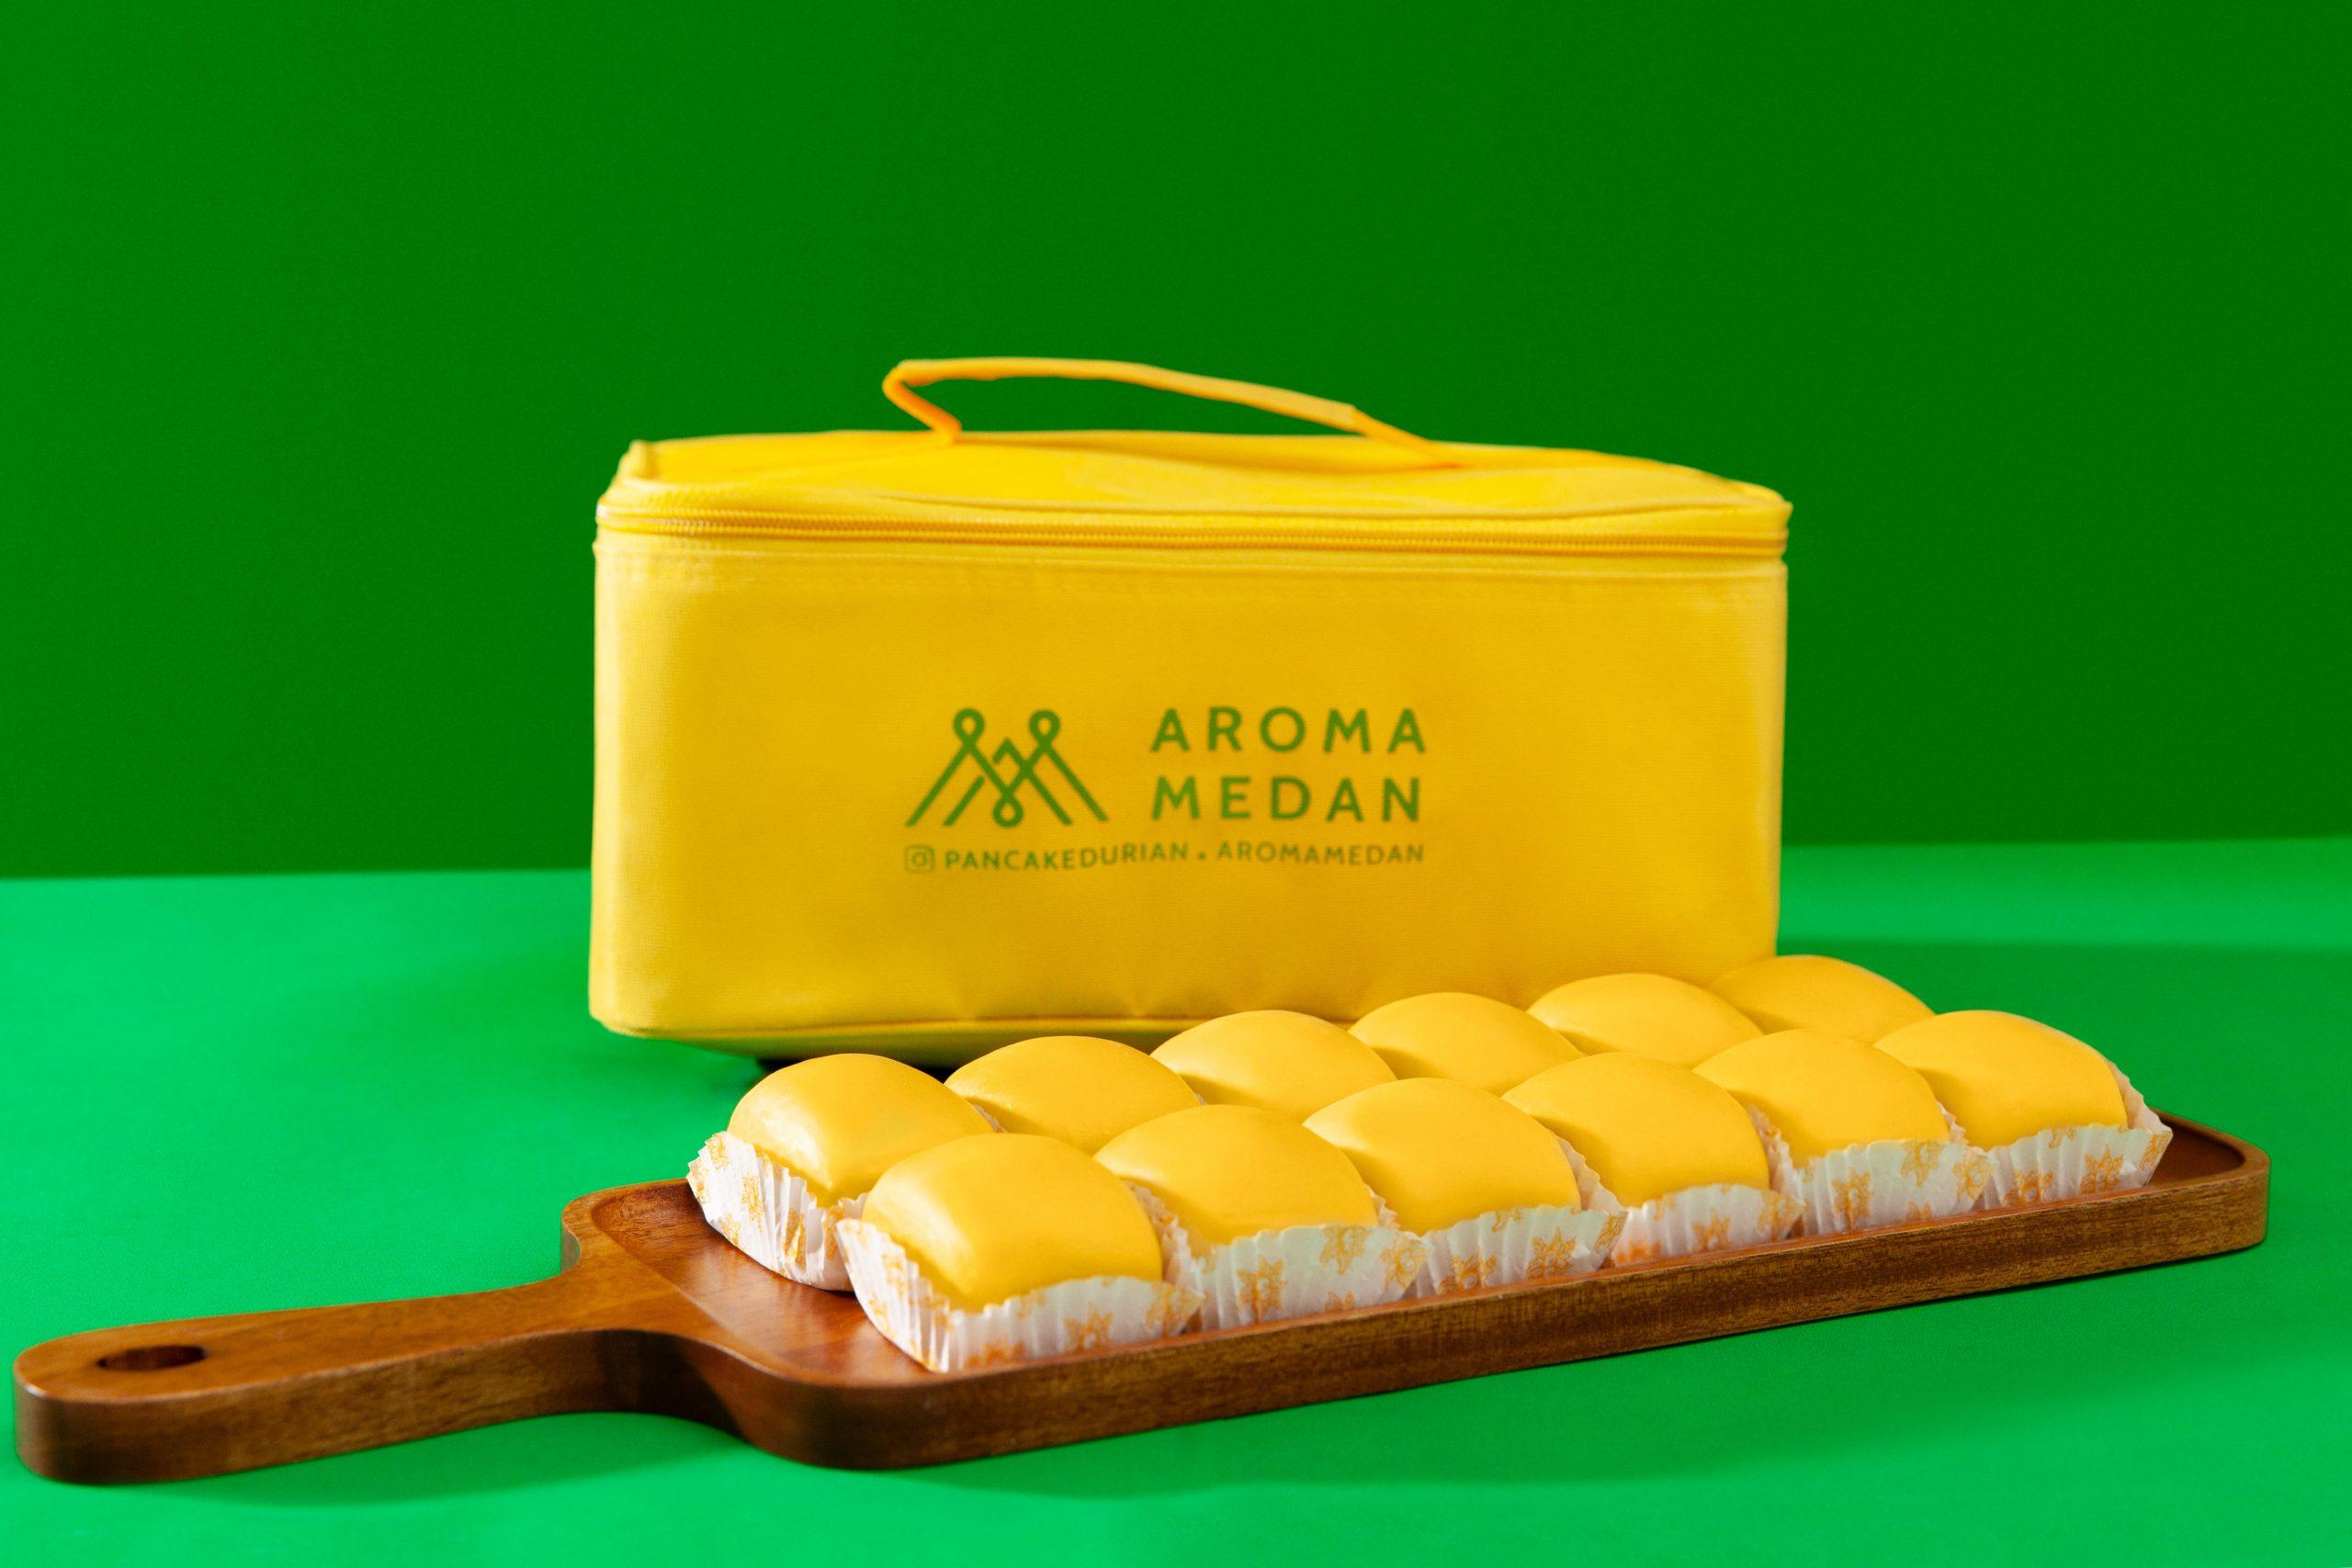 pancake-durian-aroma-medan-tanjung-duren